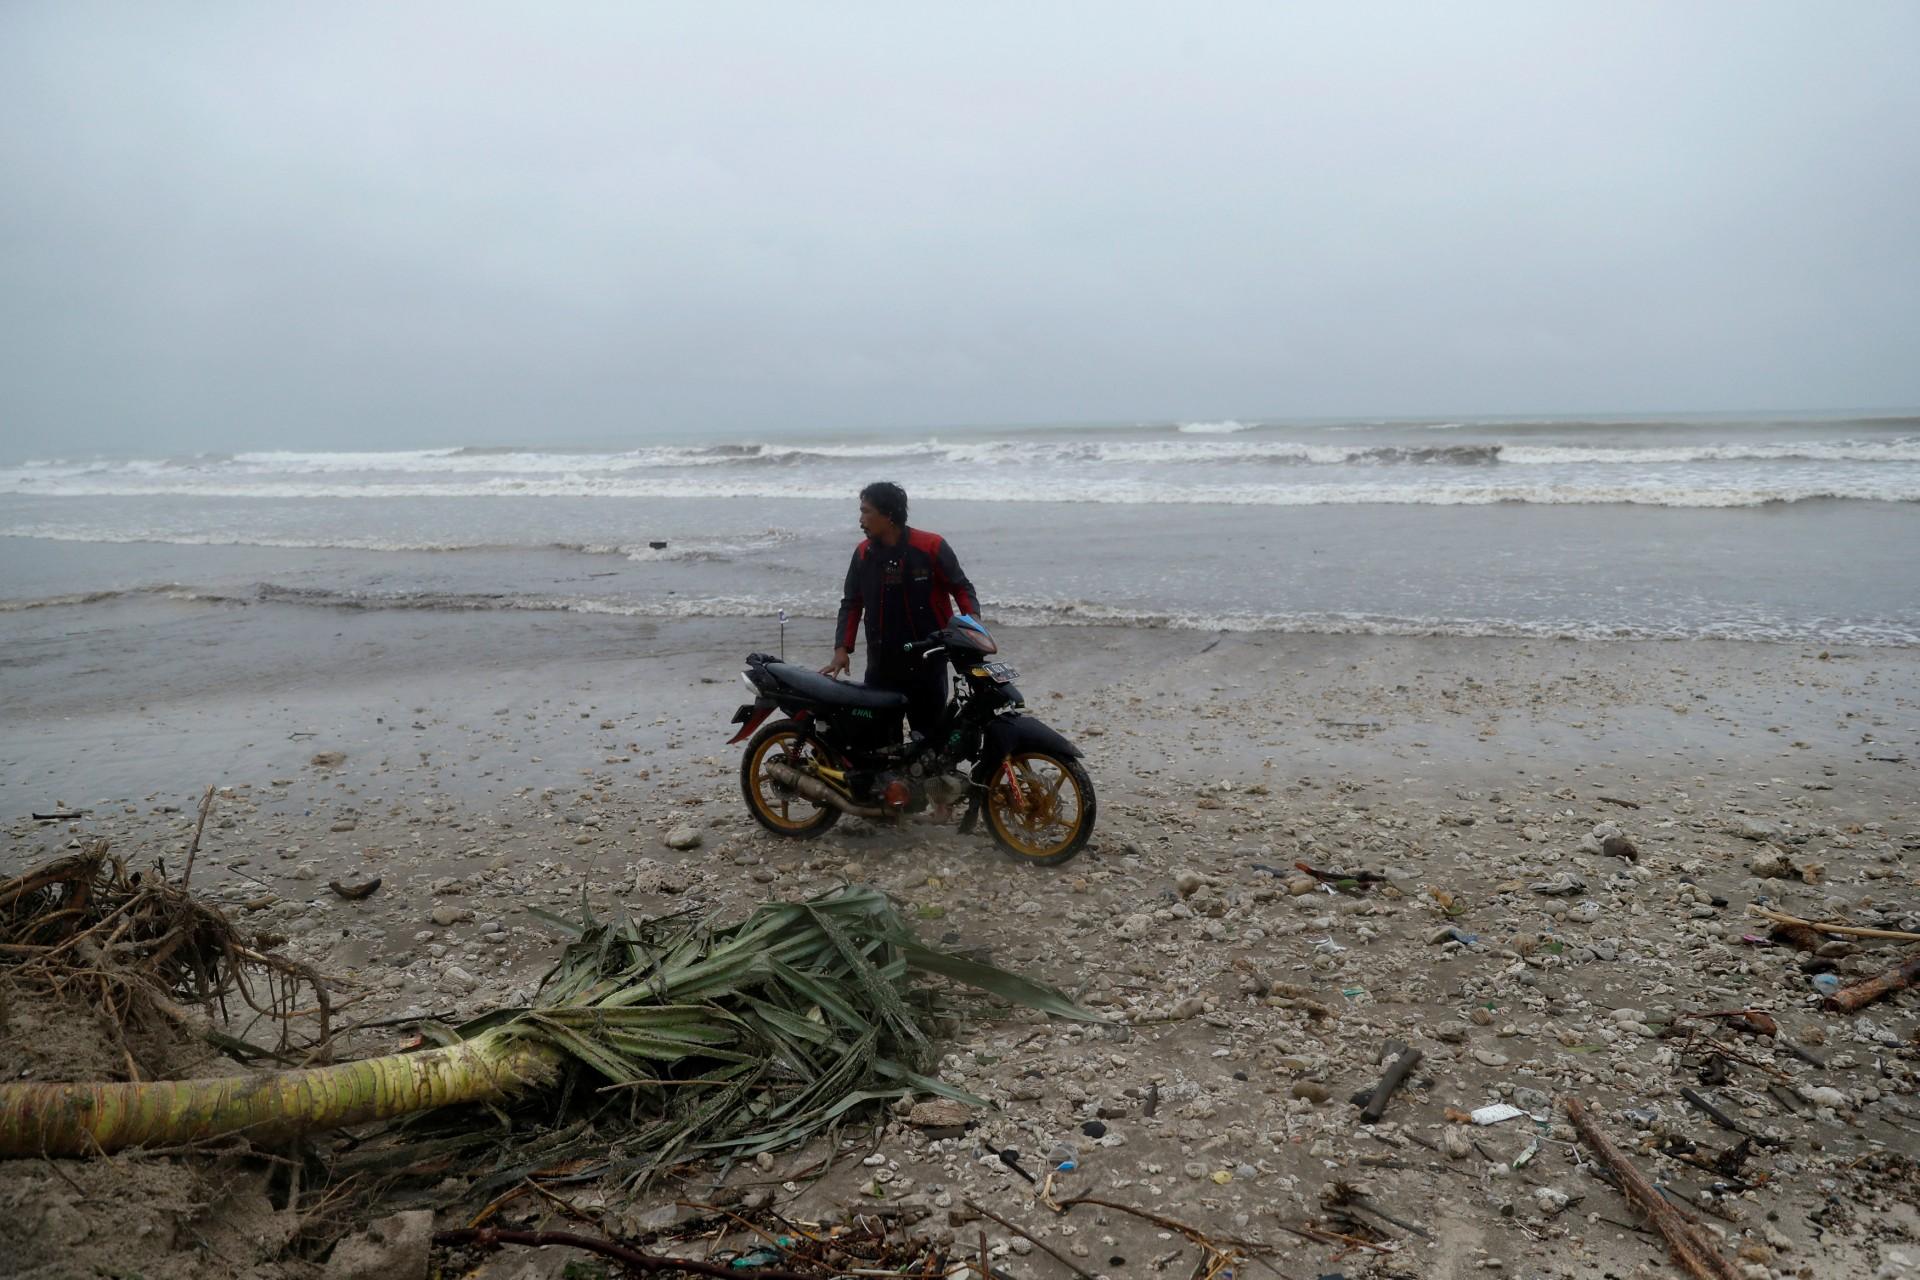 Un hombre está parado junto a una motocicleta en una playa azotada por un tsunami, cerca de Sumur, provincia de Banten, Indonesia, 26 de diciembre de 2018.